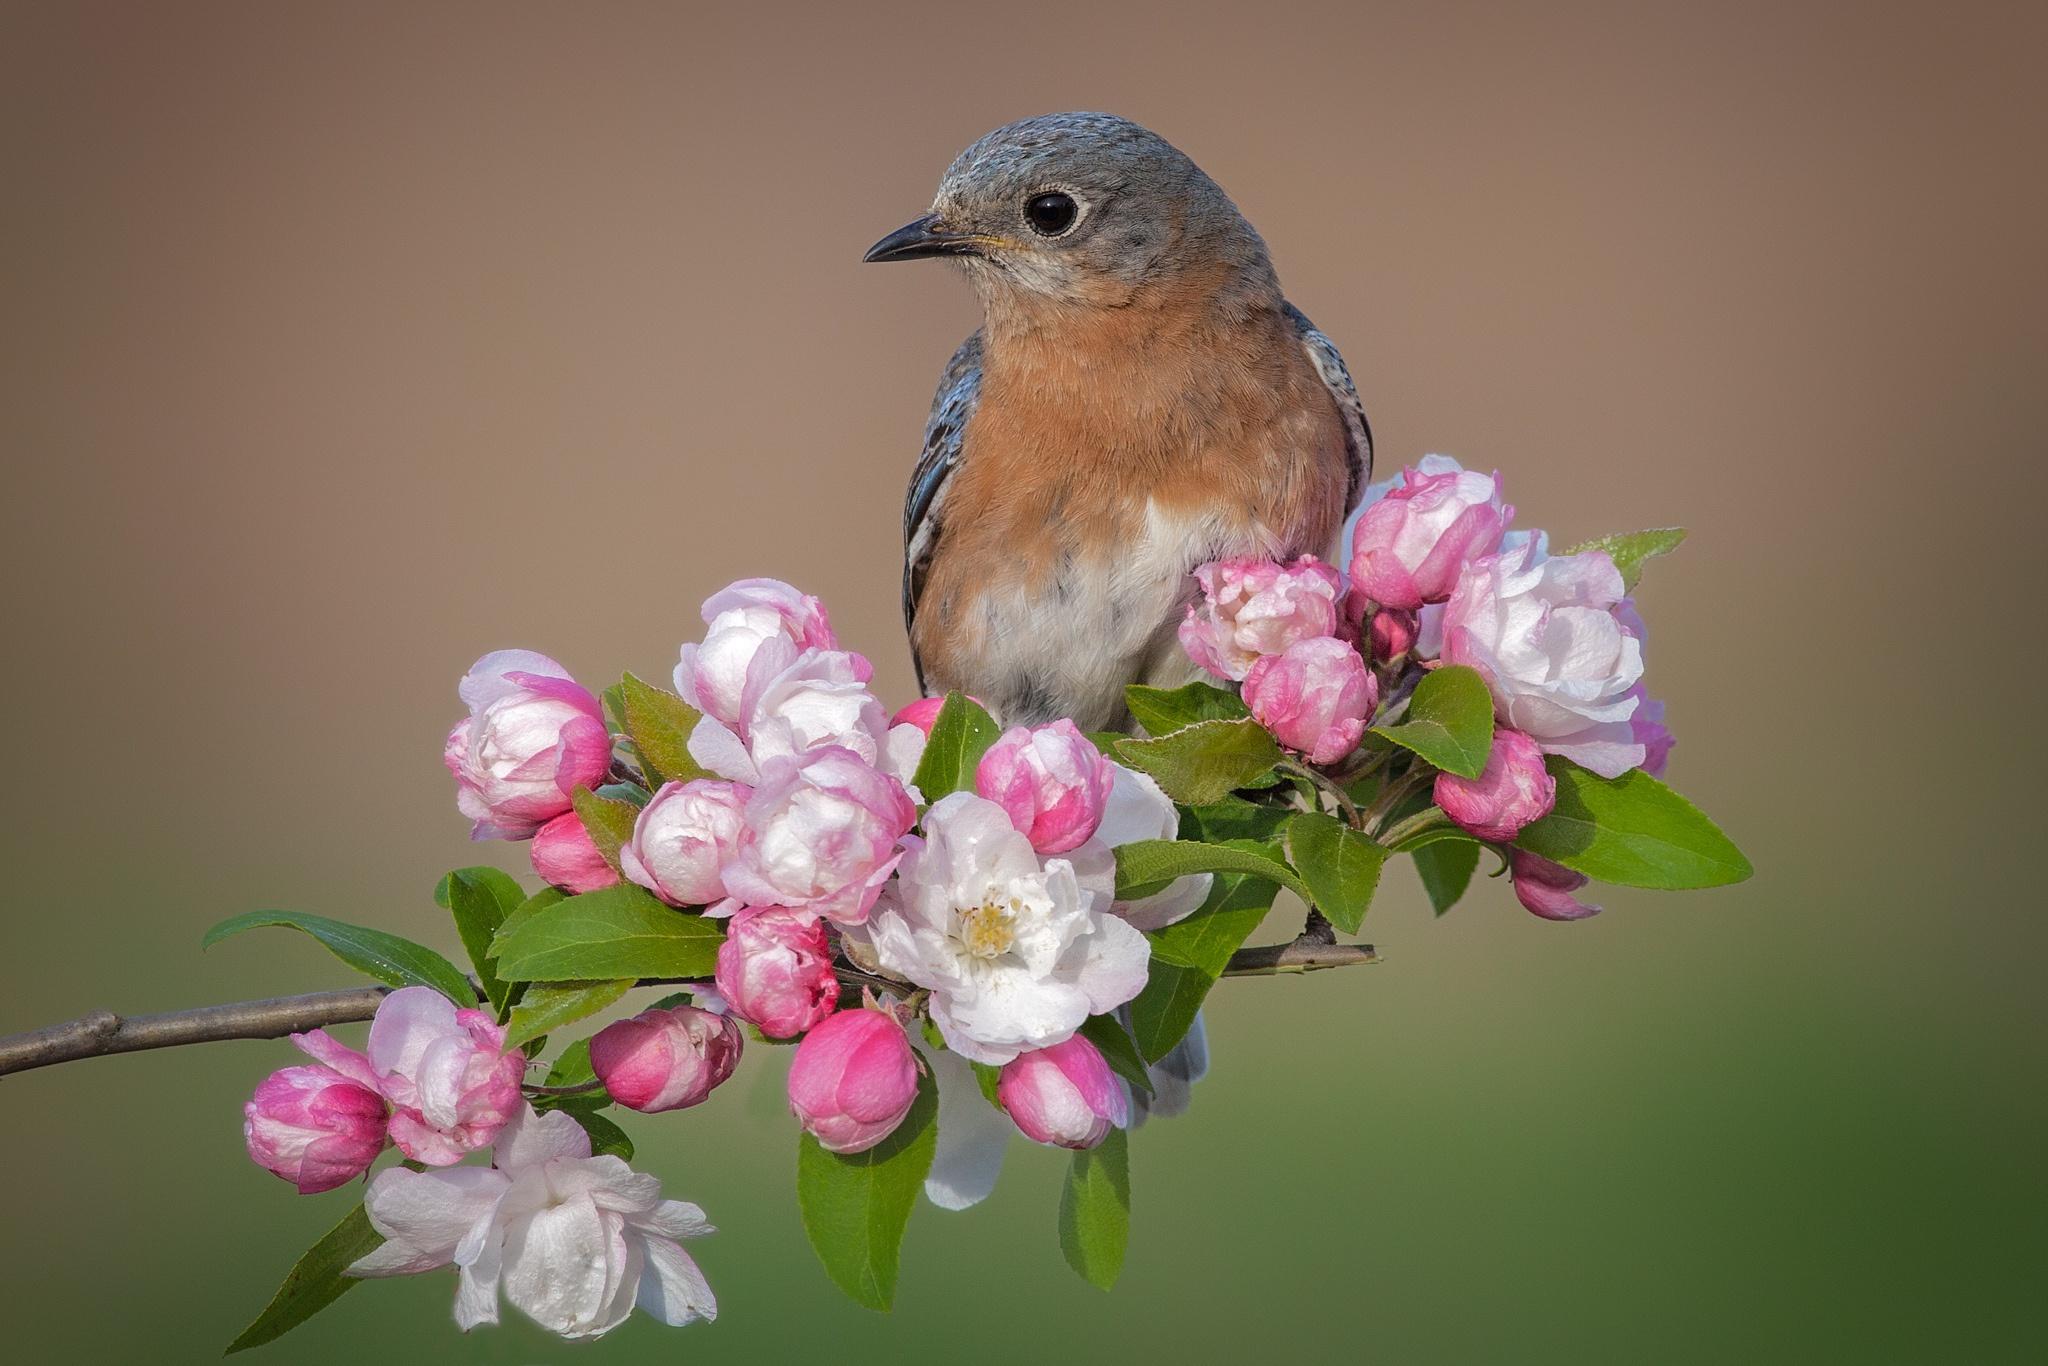 Картинки с цветами и птицами, картинки преподаватели